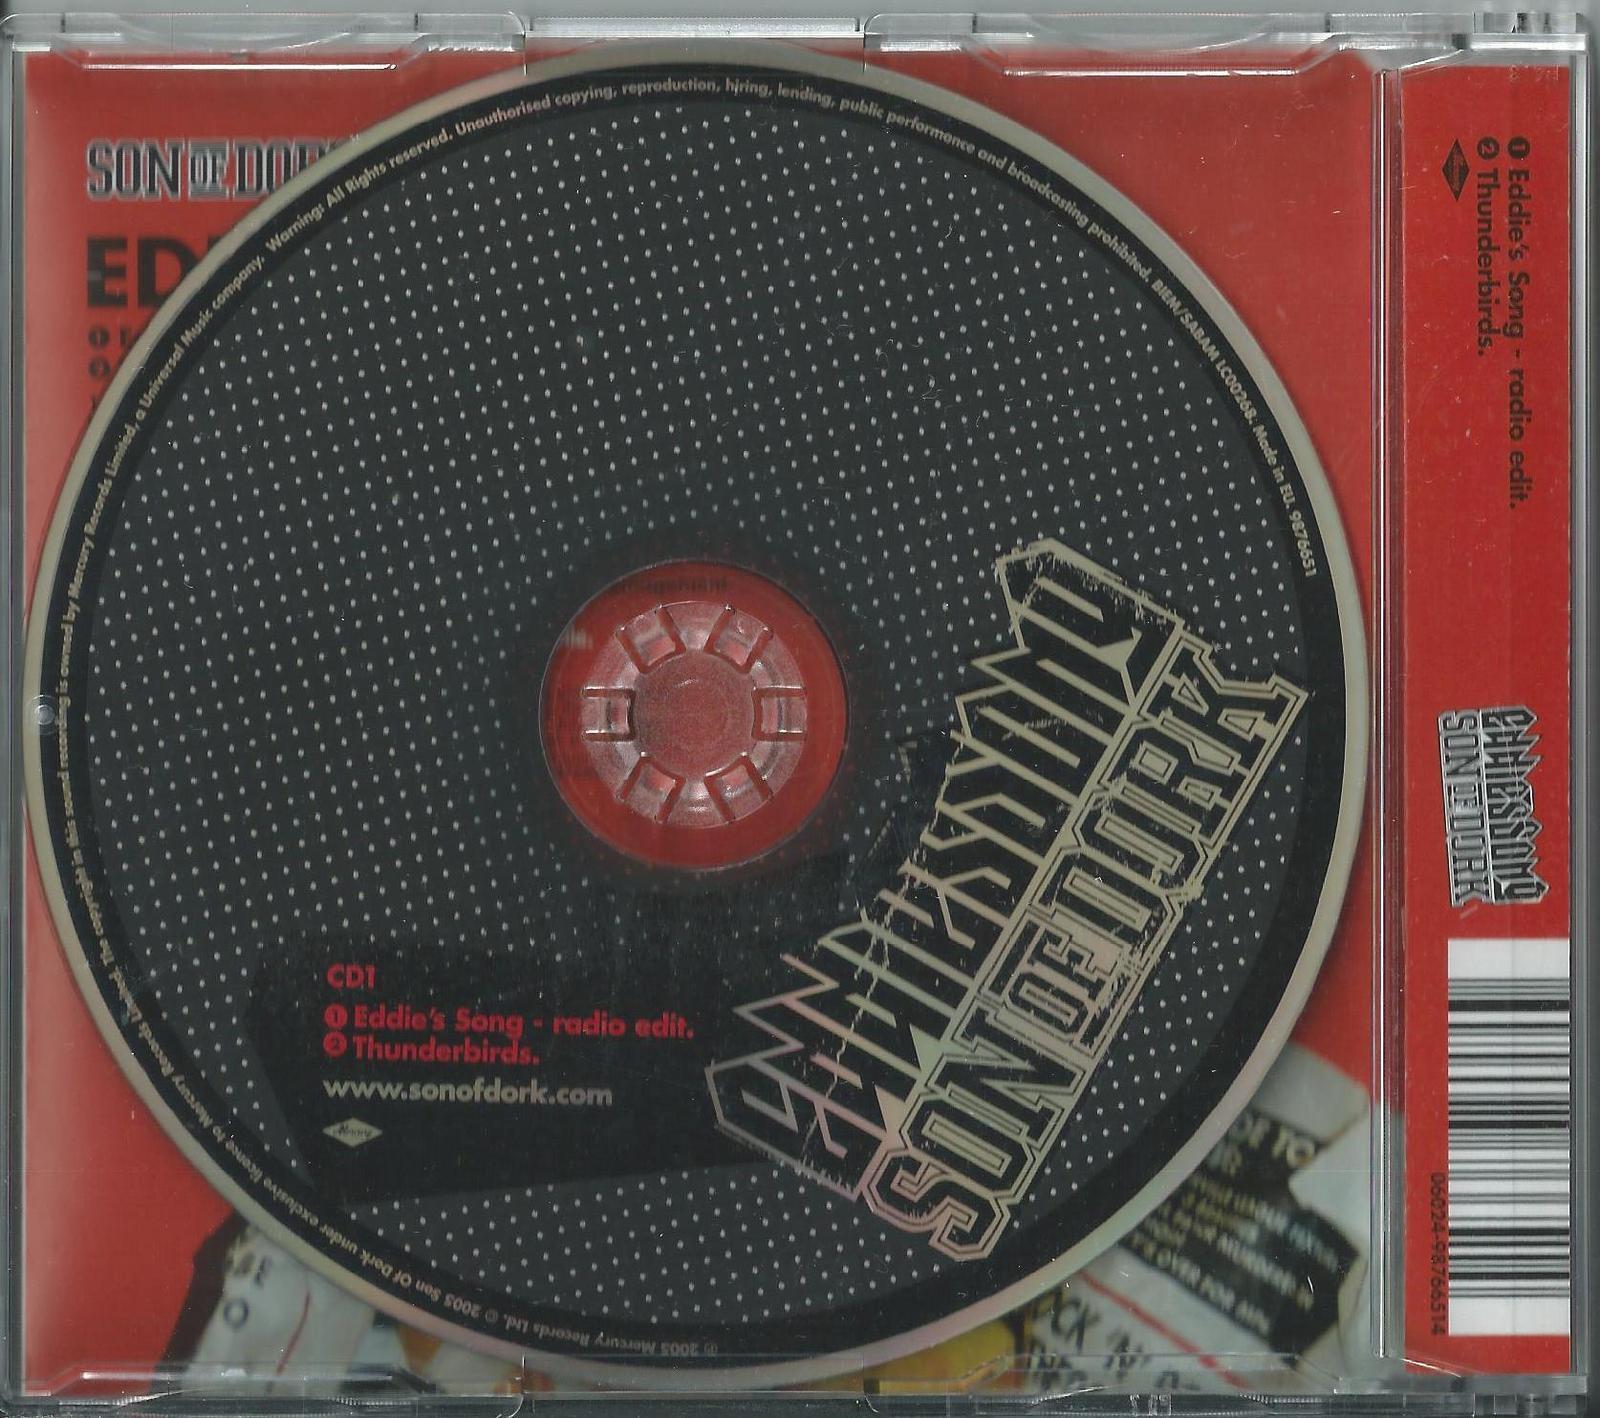 SON OF DORK - EDDIE'S SONG / THUNDERBIRDS 2005 UK CD1 SINGLE JAMES BOURNE BUSTED